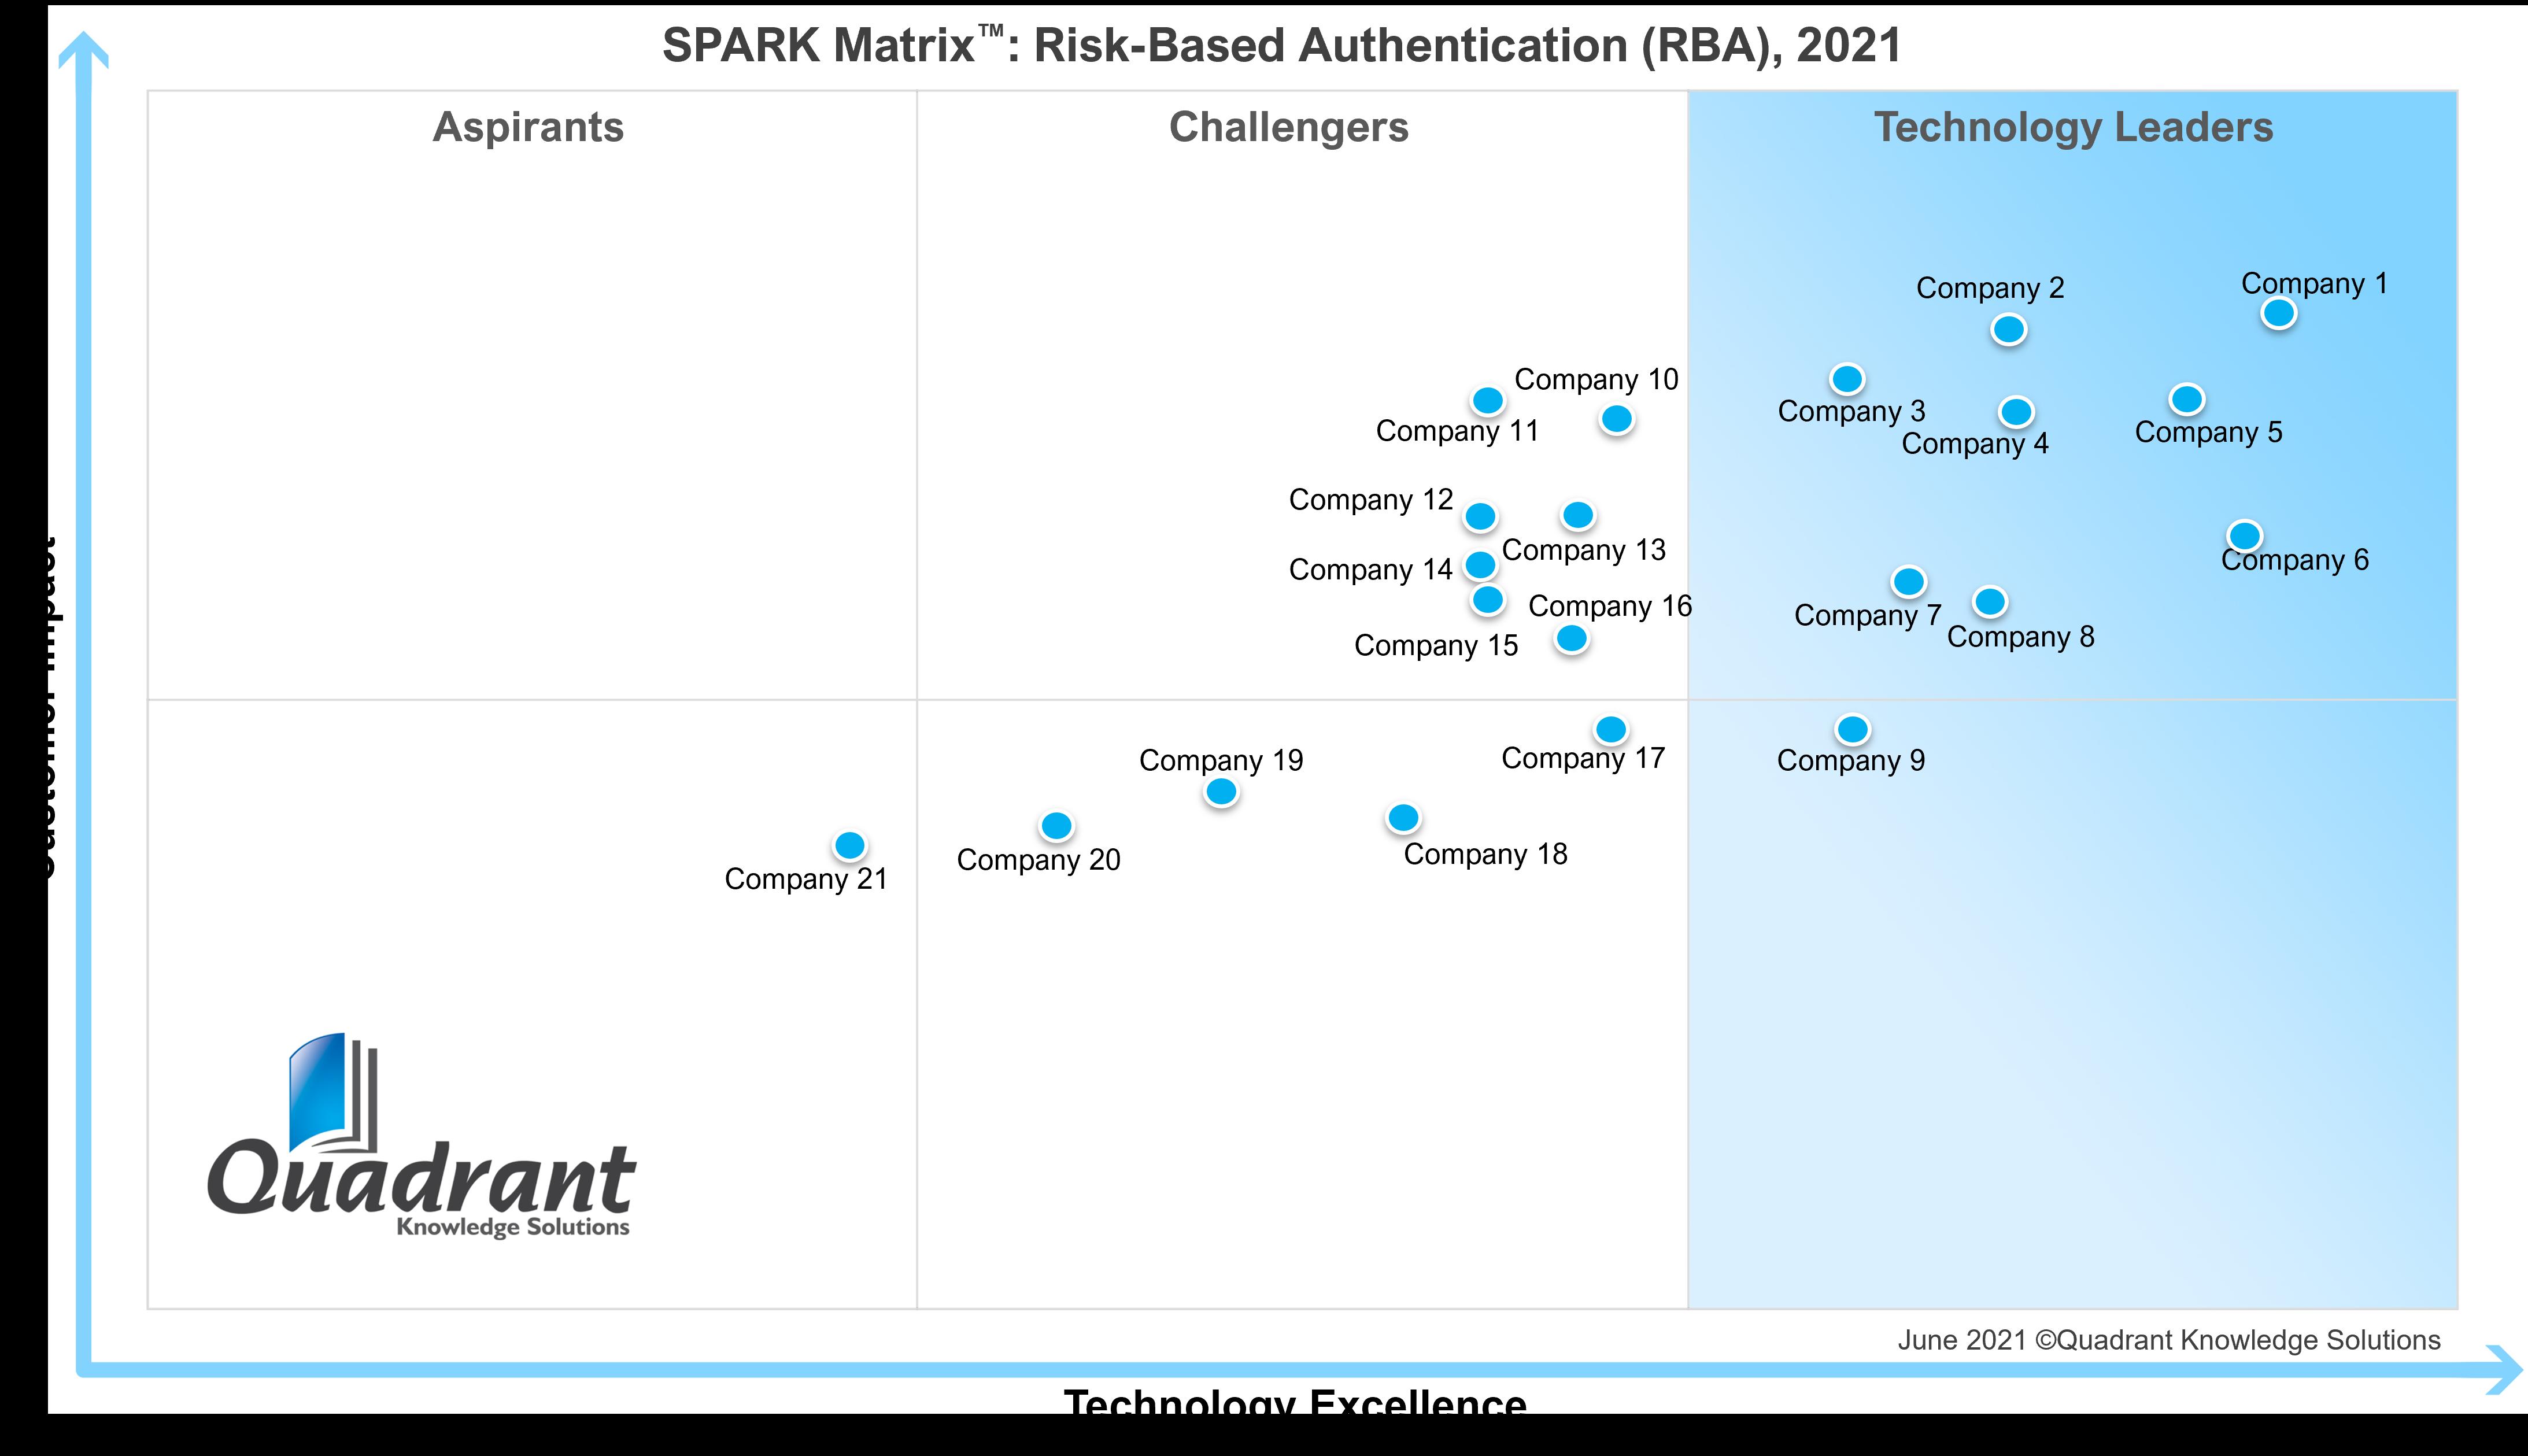 RBA_SPARK Matrix